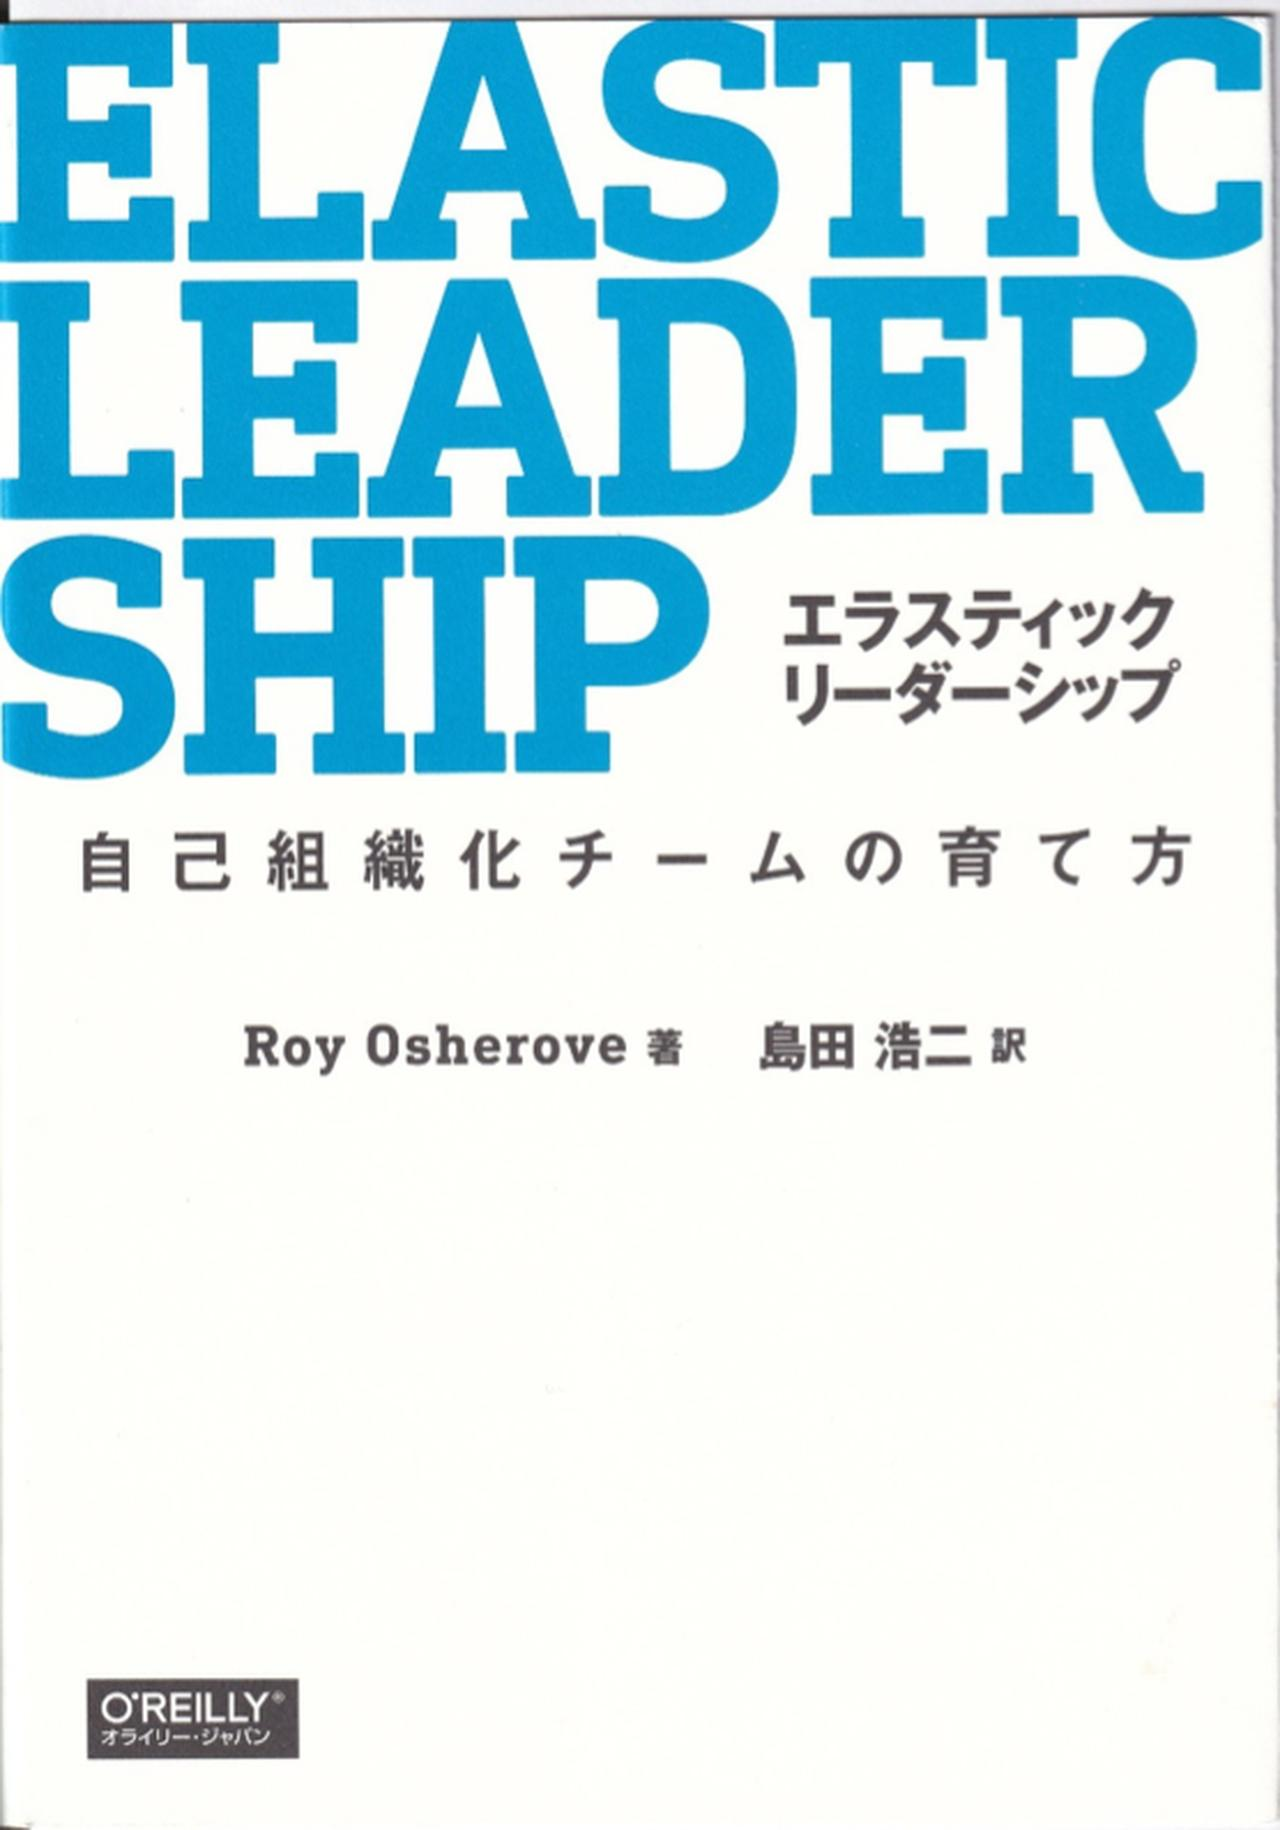 画像: 【BOOKレビュー】チームの強化に役立ちそうな本──勝手にレビュー #012『エラスティックリーダーシップ ─自己組織化チームの育て方』